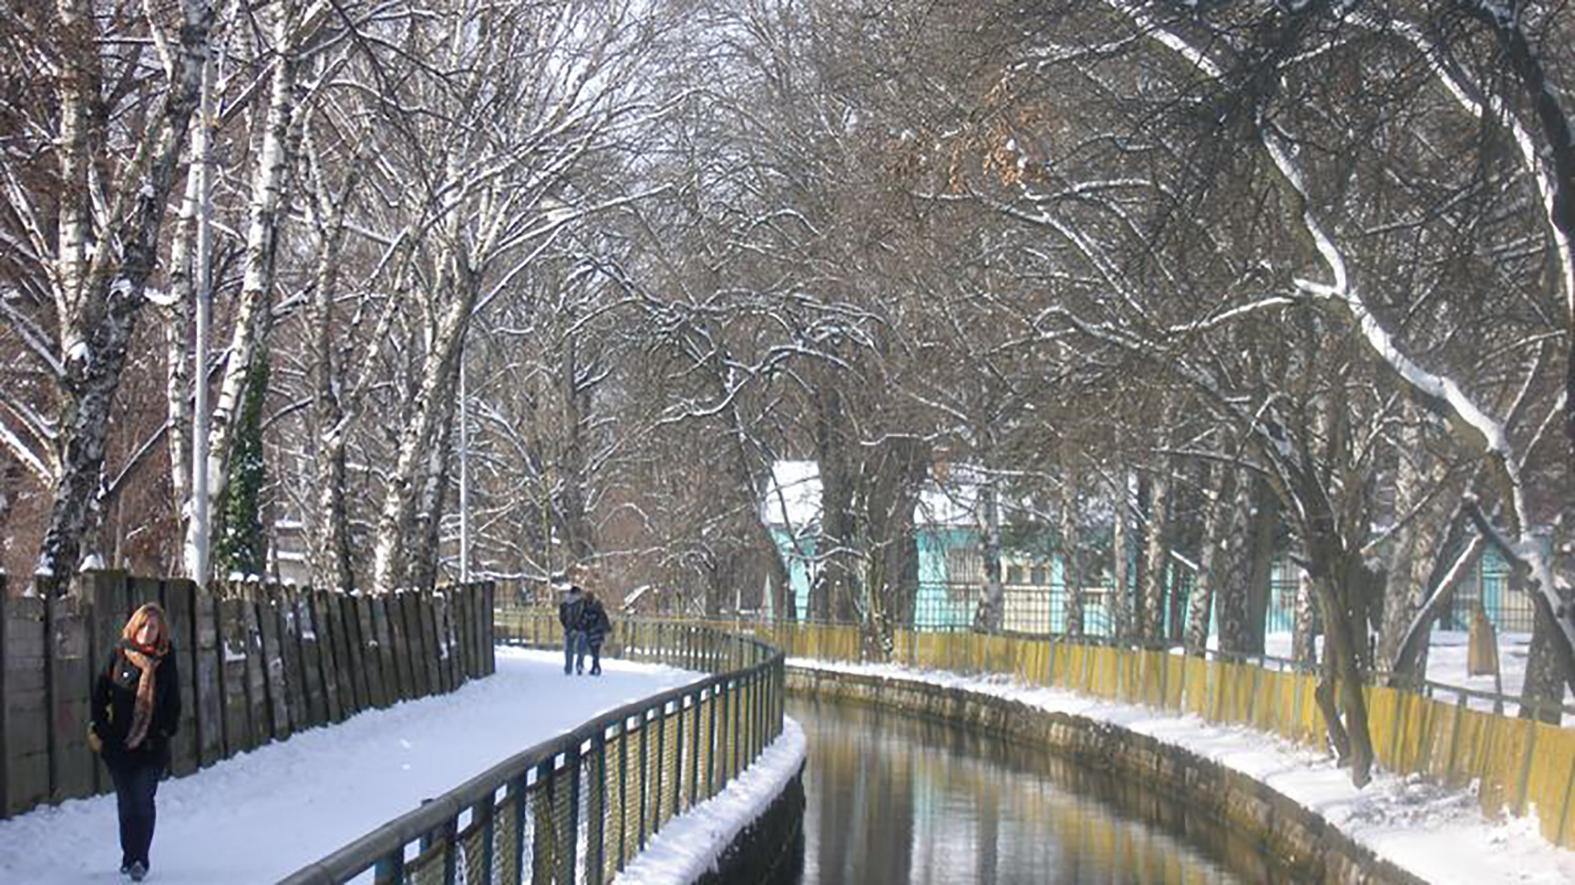 Levice sa počas zimy musia postarať o desiatky kilometrov chodníkov navyše e0d75d424a3